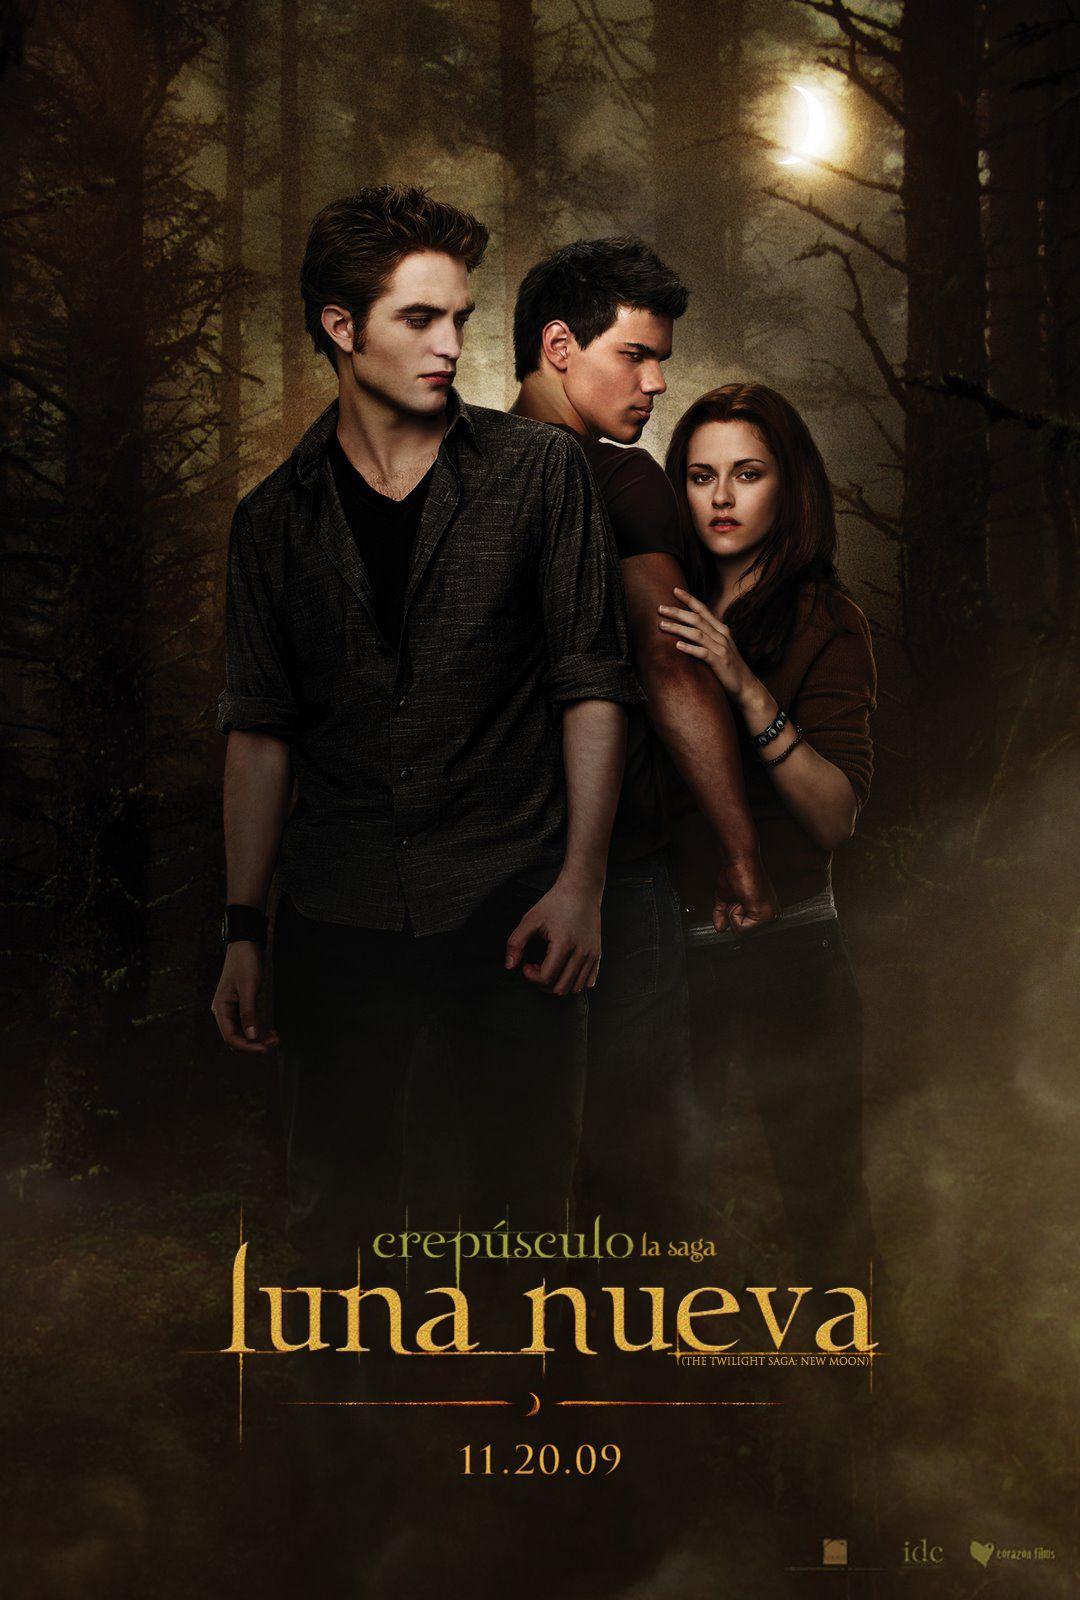 Crepúsculo la saga: Luna Nueva